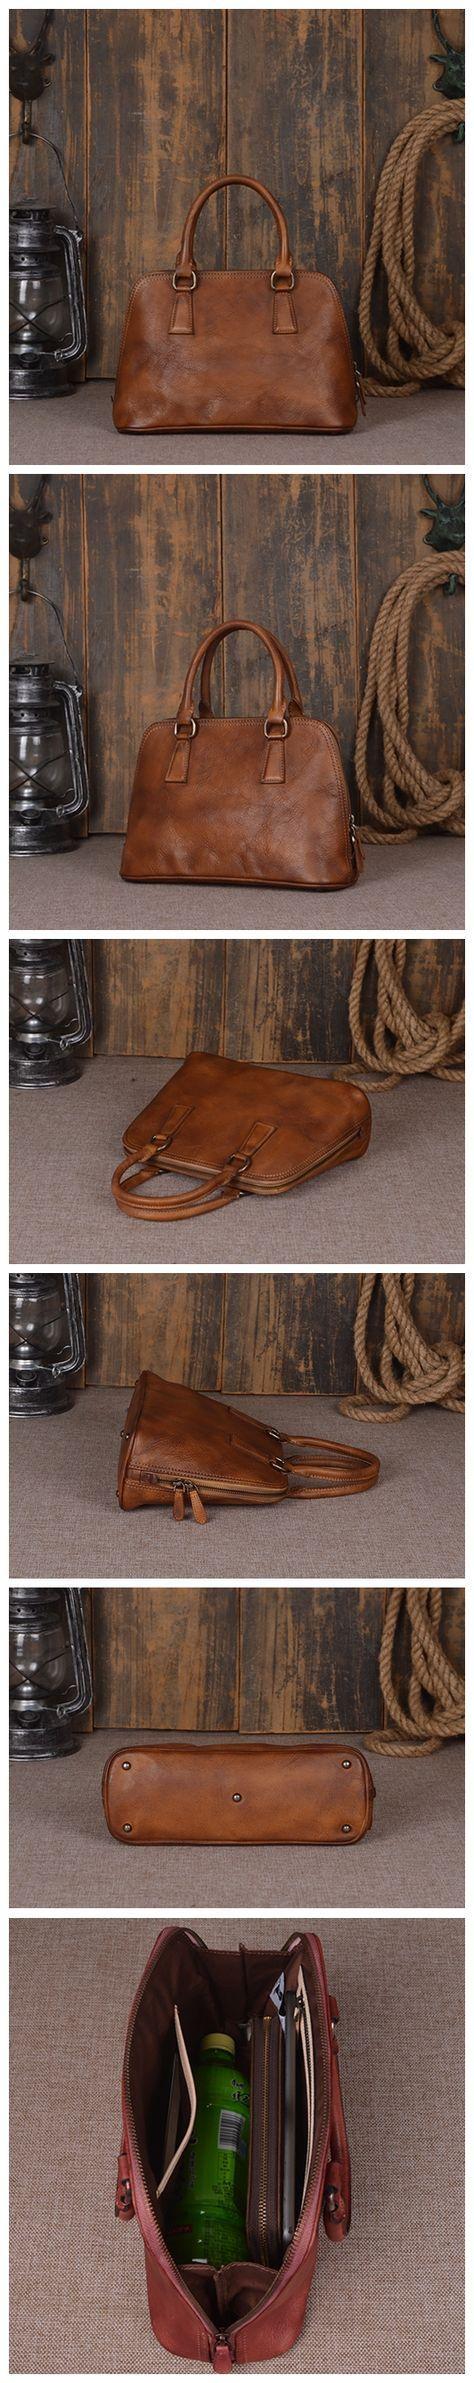 Fashion Genuine Leather Messenger Shoulder Bag Satchel Bags Leather Tote 9032